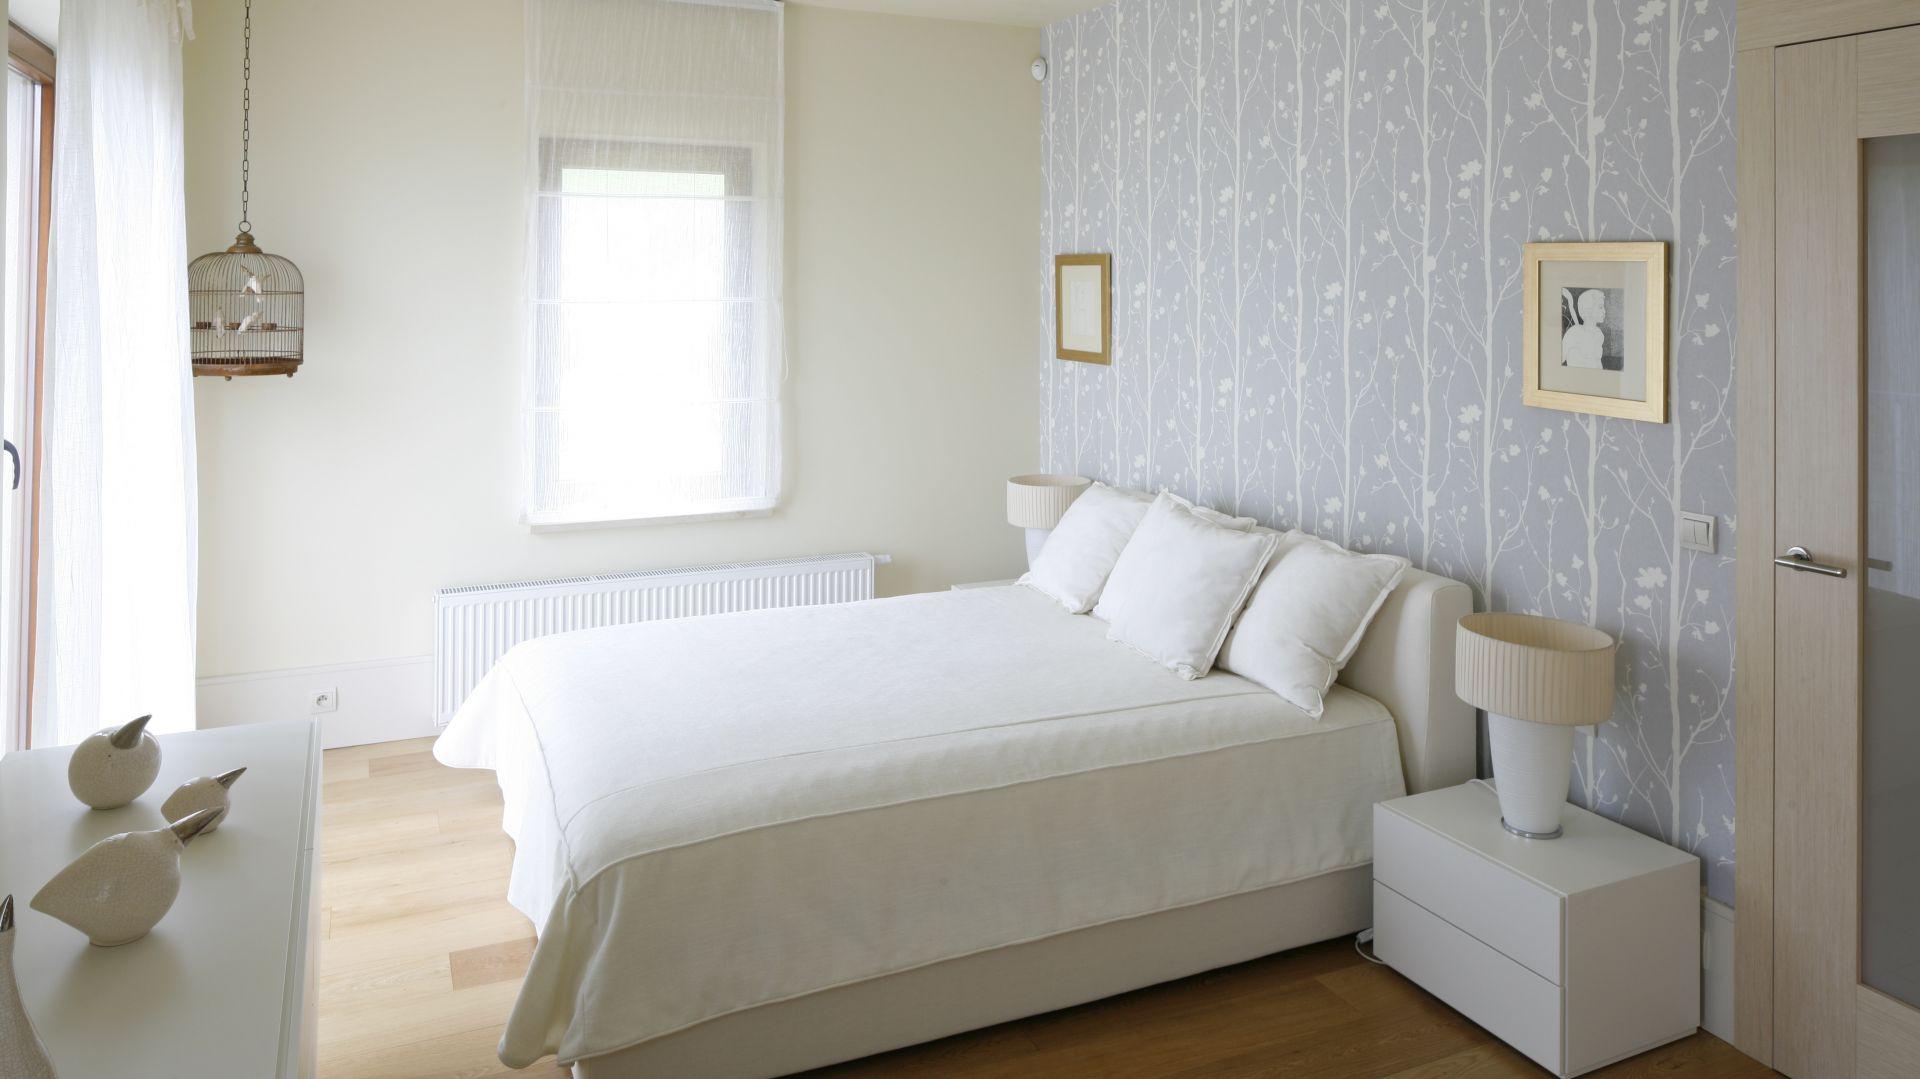 Białe łóżko usytuowane centralnie na największej ścianie w sypialni, która jednocześnie stanowi najbardziej widoczny element w pokoju, ponieważ została udekorowana tapetą. Projekt: Małgorzata Borzyszkowska. Fot.Bartosz Jarosz